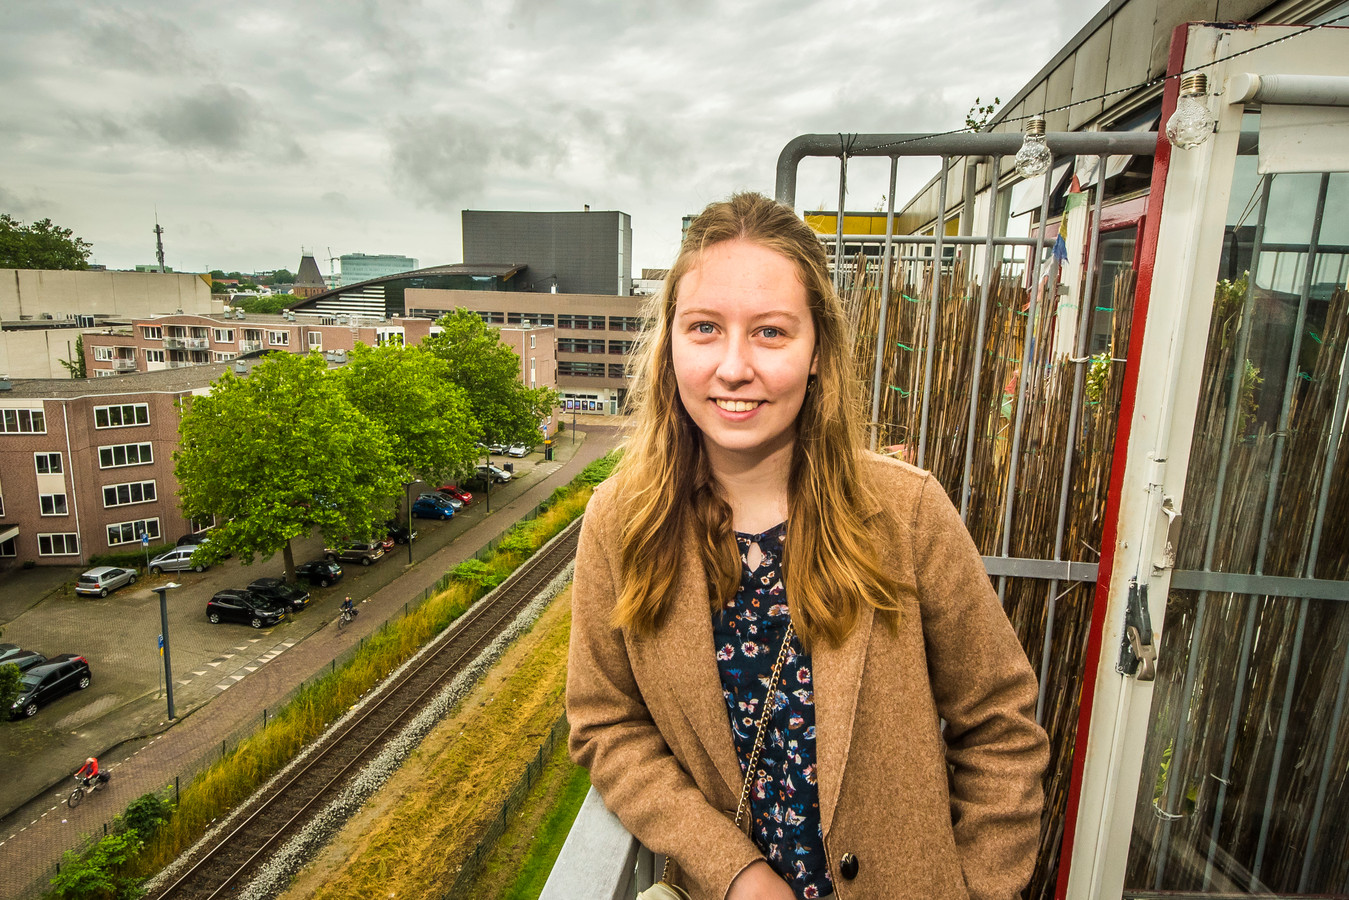 Mariska Veringmeier op het balkon van haar studentenflat.